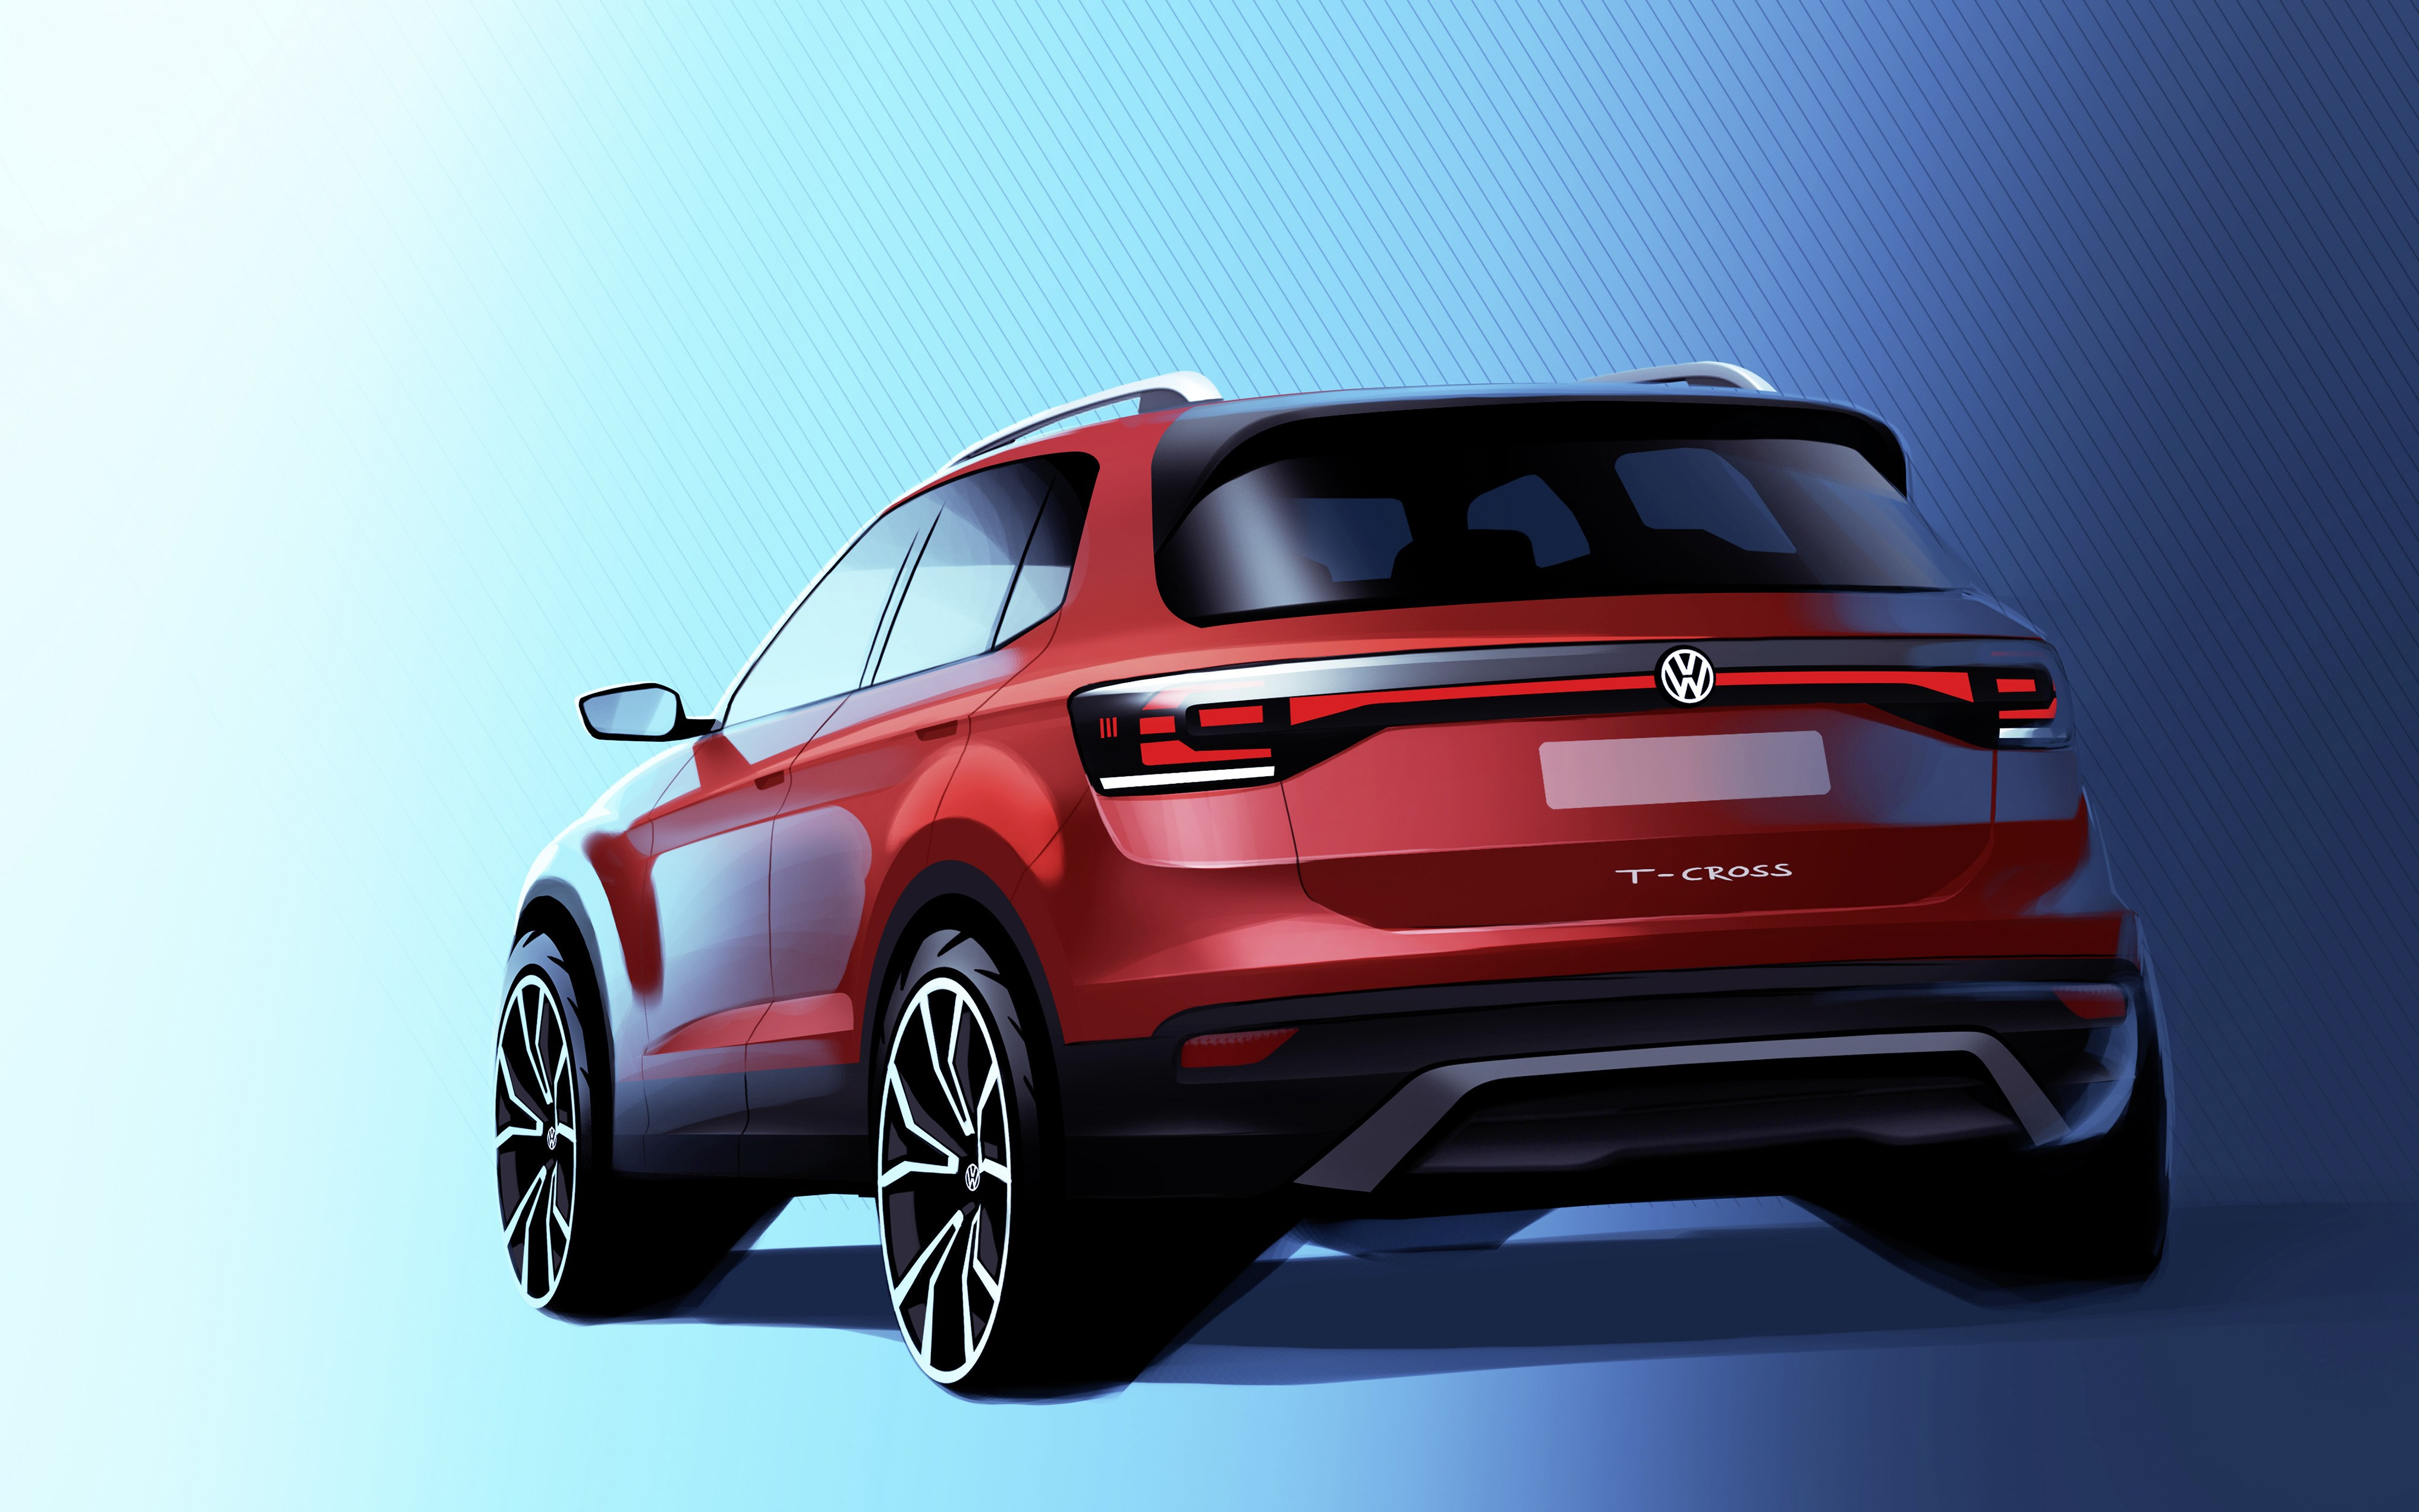 Οι πρώτες εικόνες του νέου Volkswagen T-Cross